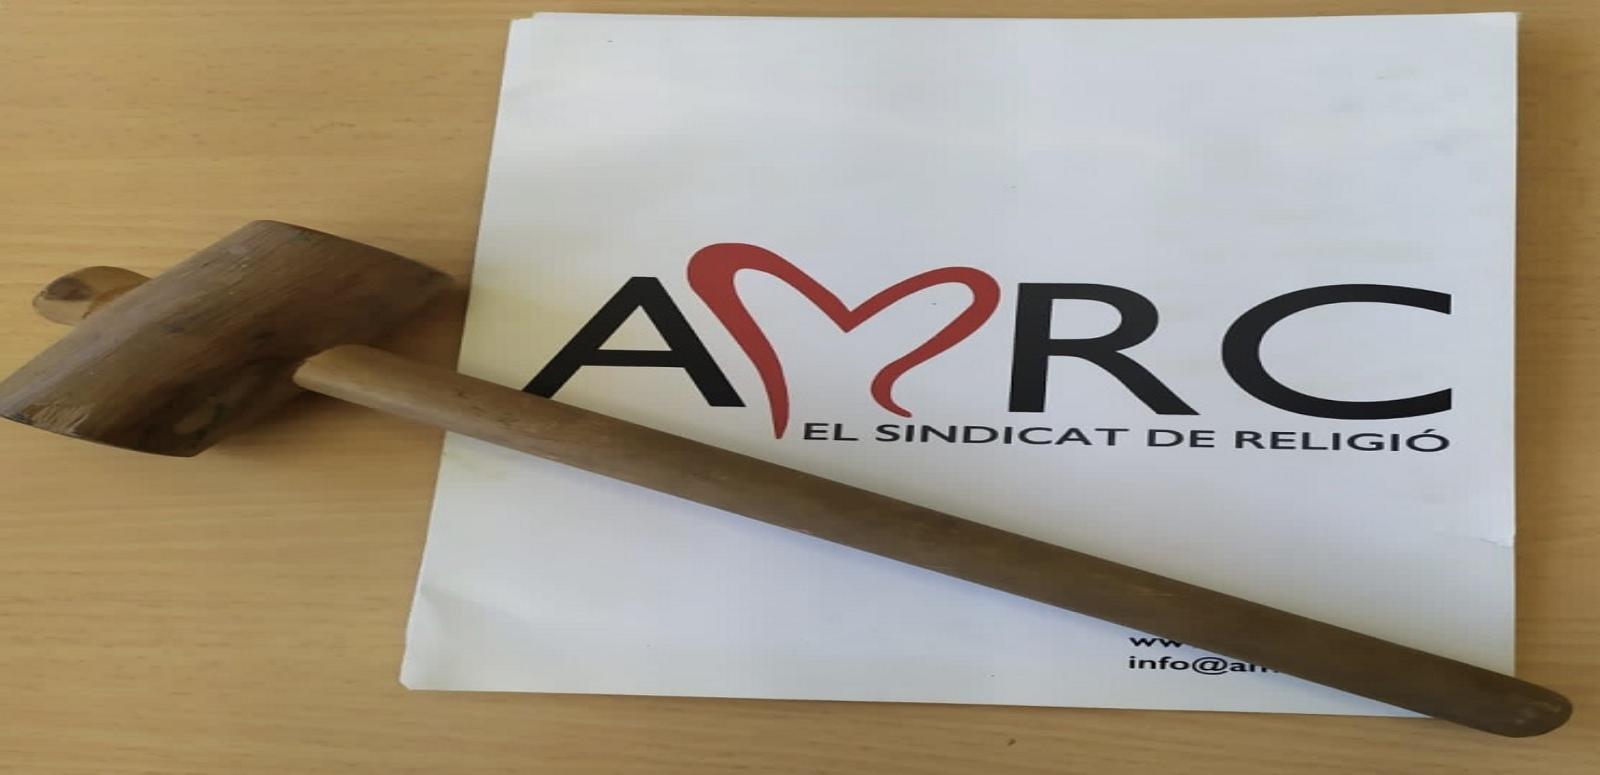 EL SINDICAT AMRC HA TORNAT A GUANYAR UNA IMPORTANT DEMANDA!!!!